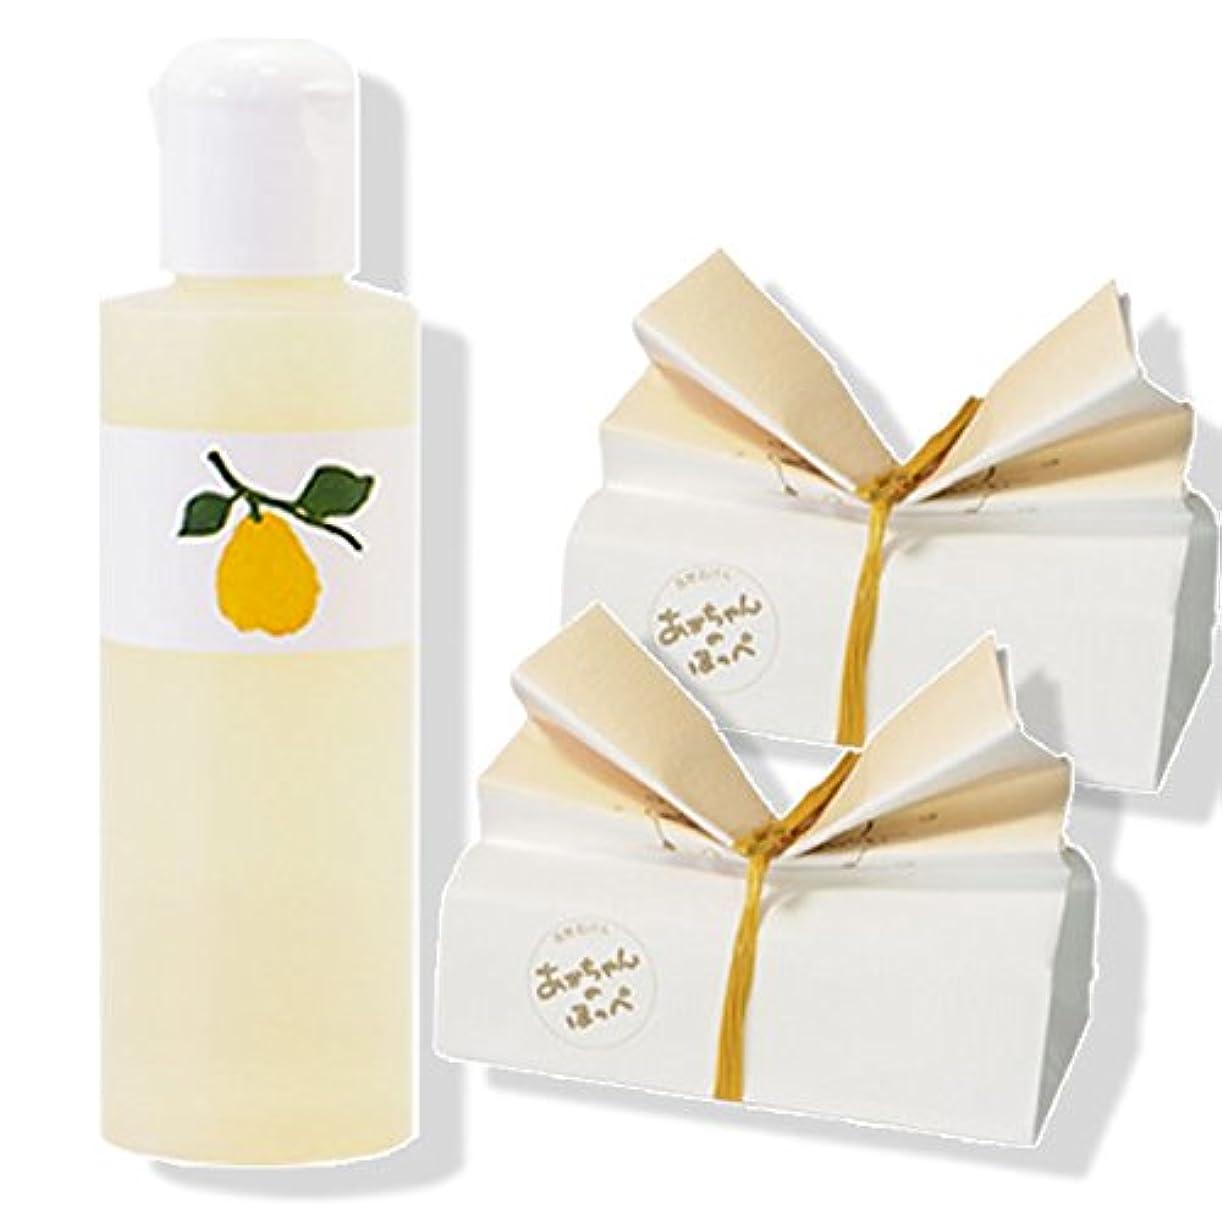 一元化する睡眠赤「花梨の化粧水」1本 & 「あかちゃんのほっぺ」石鹸 2個セット